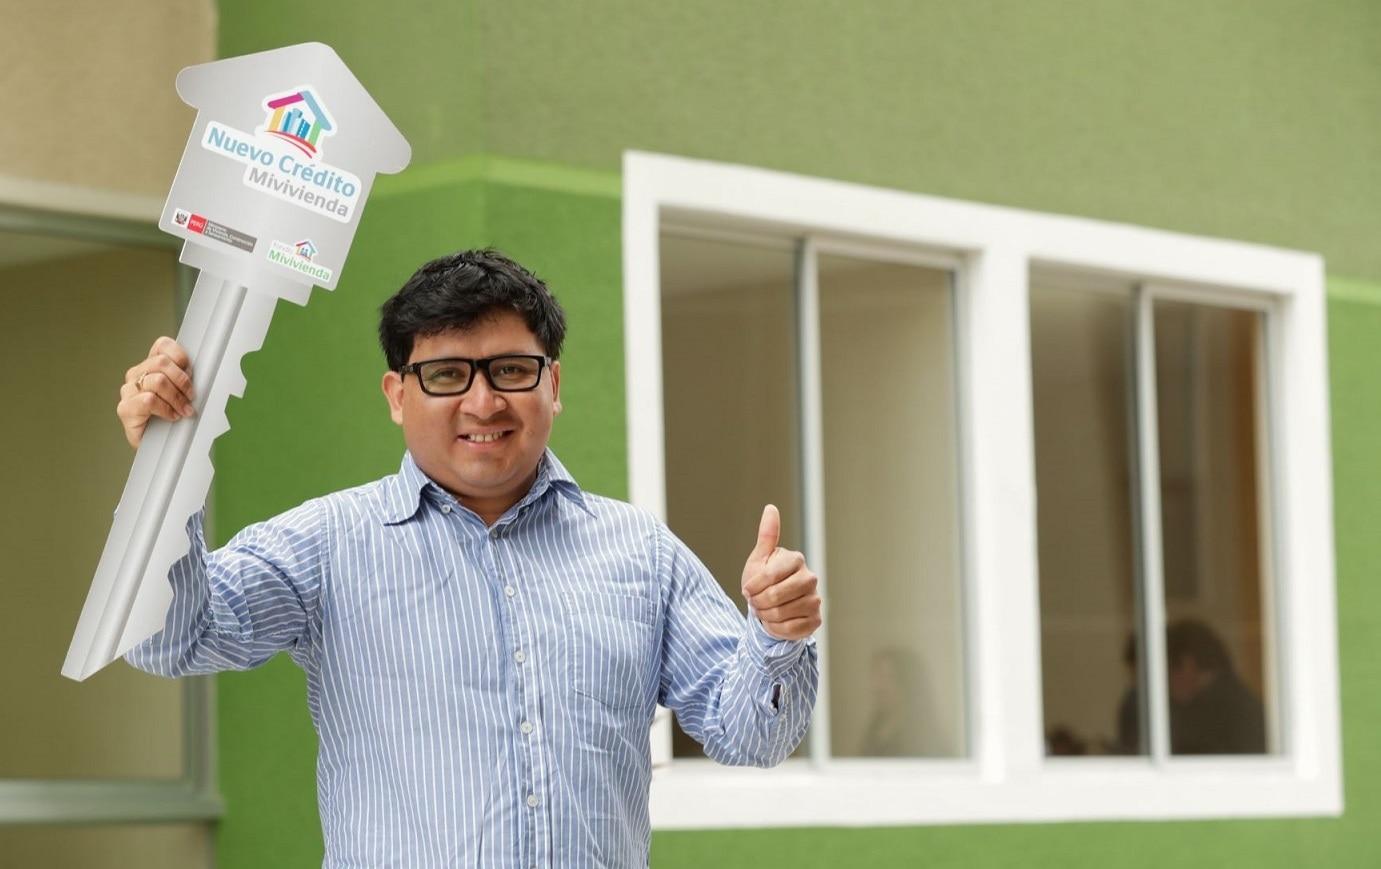 Aumenta oferta de viviendas sostenibles en Perú.